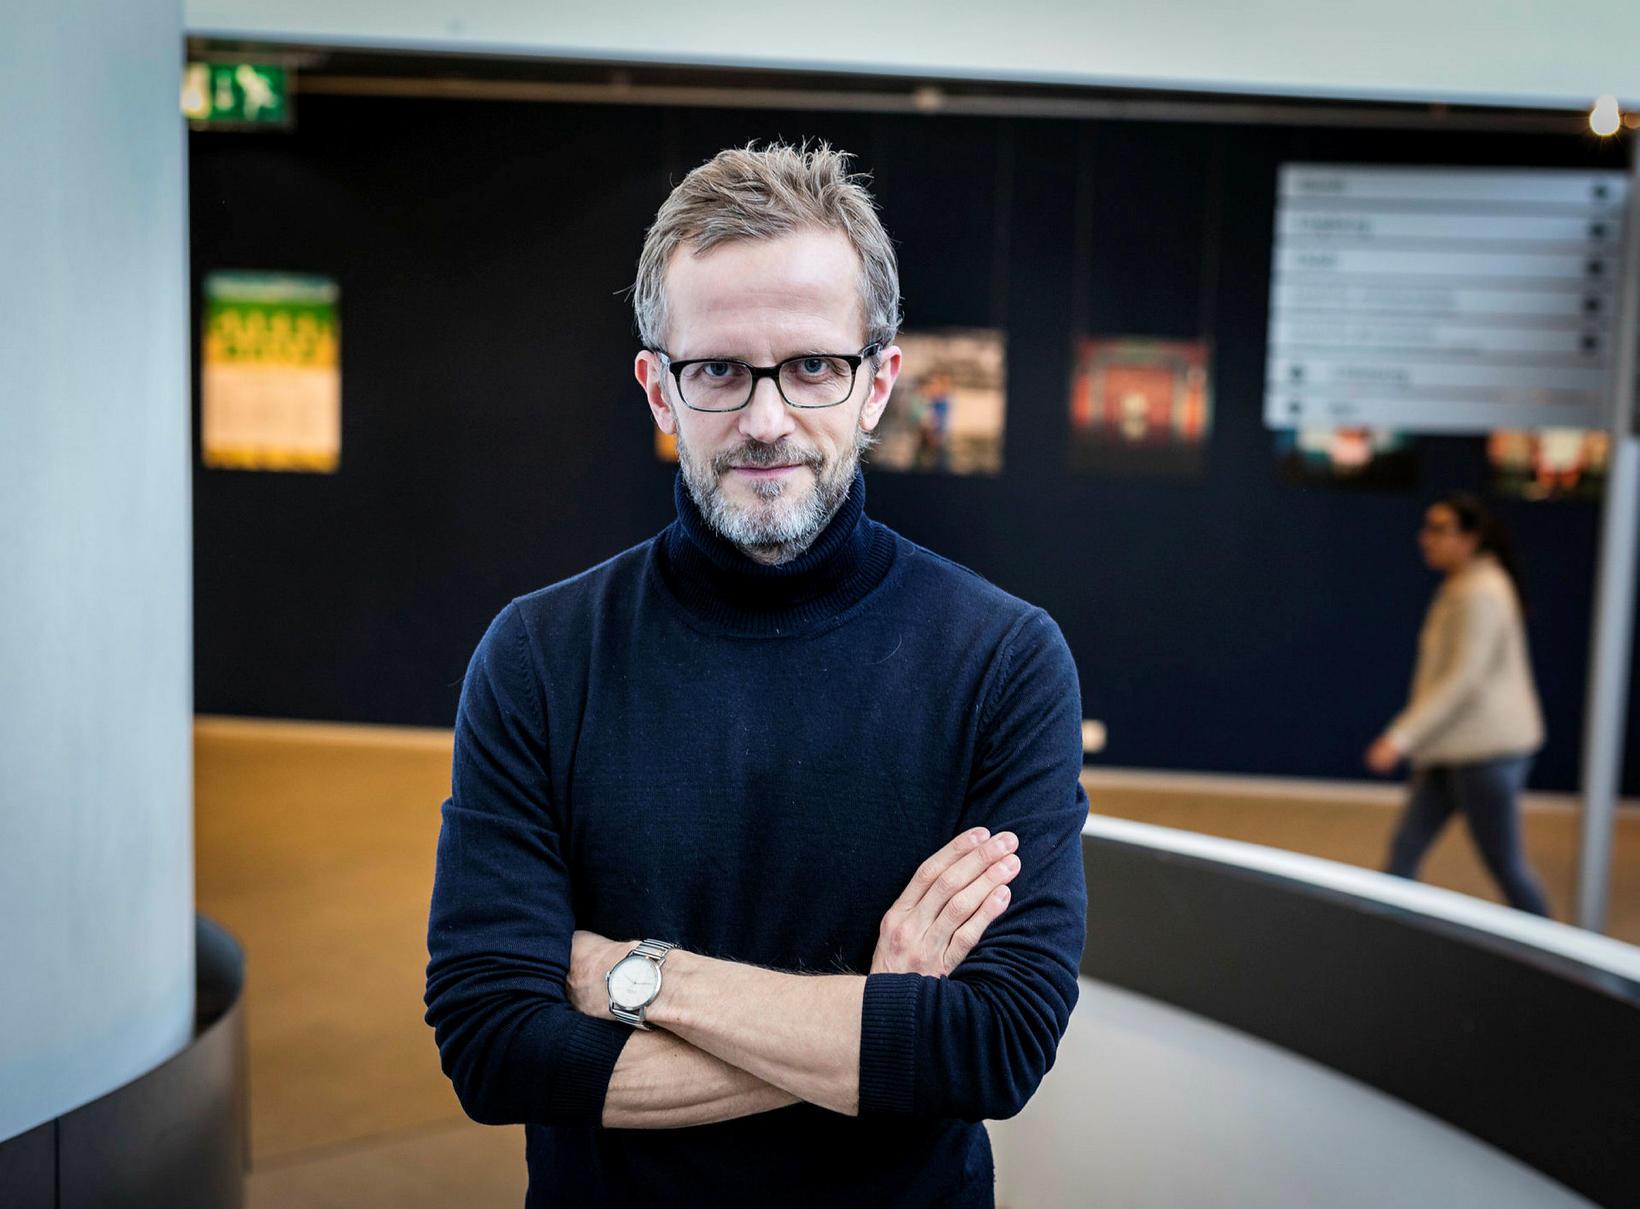 Viðar Halldórsson prófessor í félagsfræði.